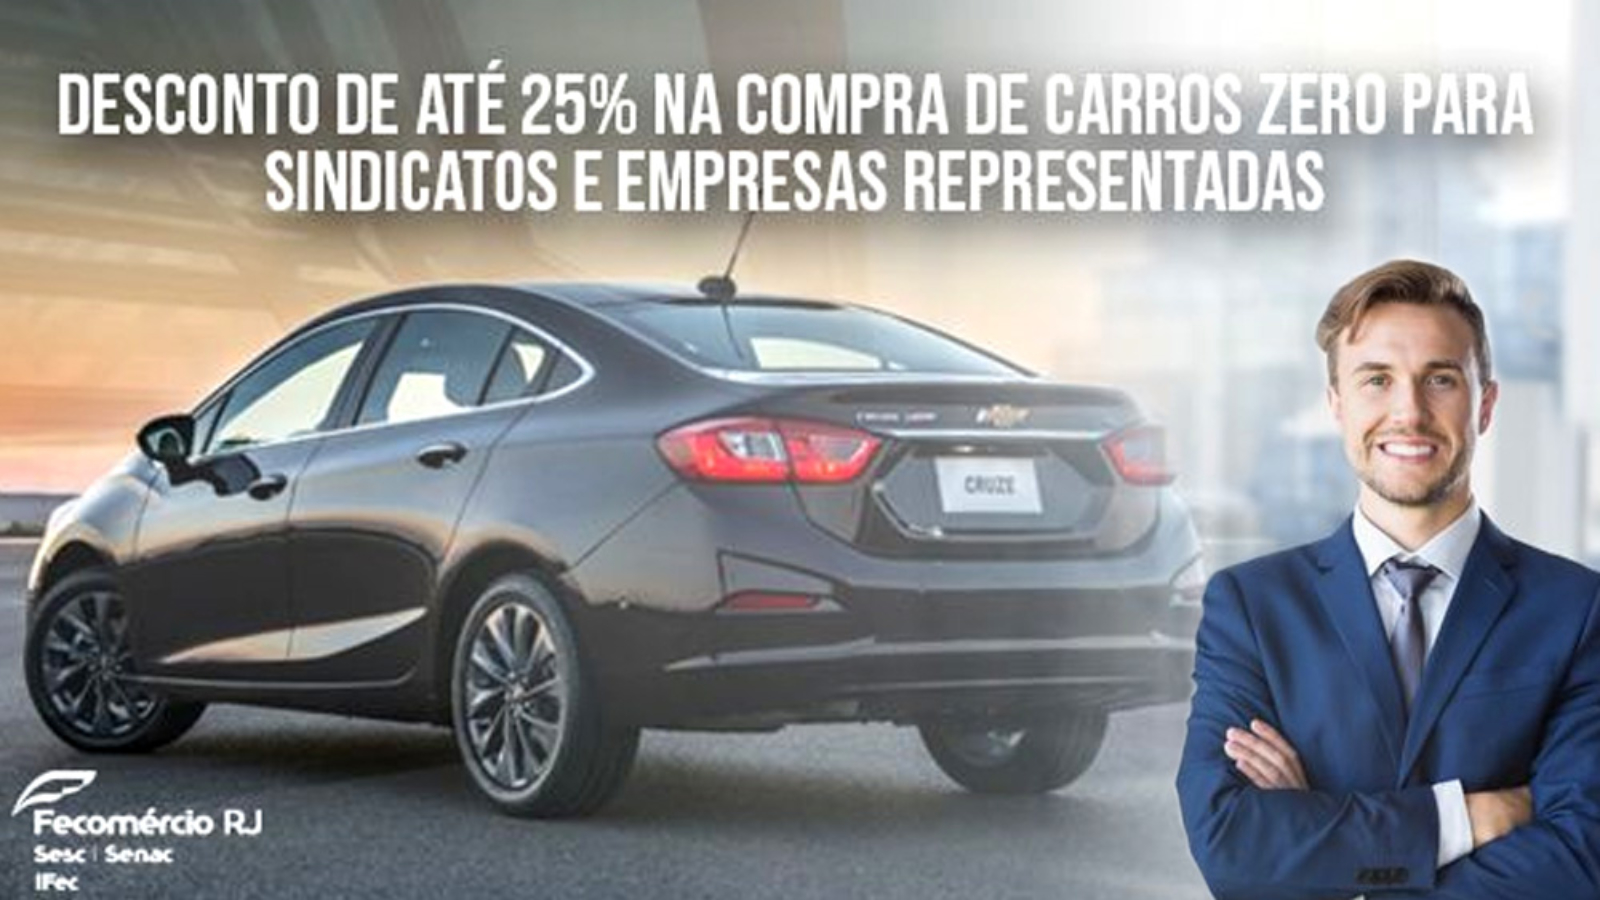 Fecomércio RJ fecha parceria com a General Motors do Brasil